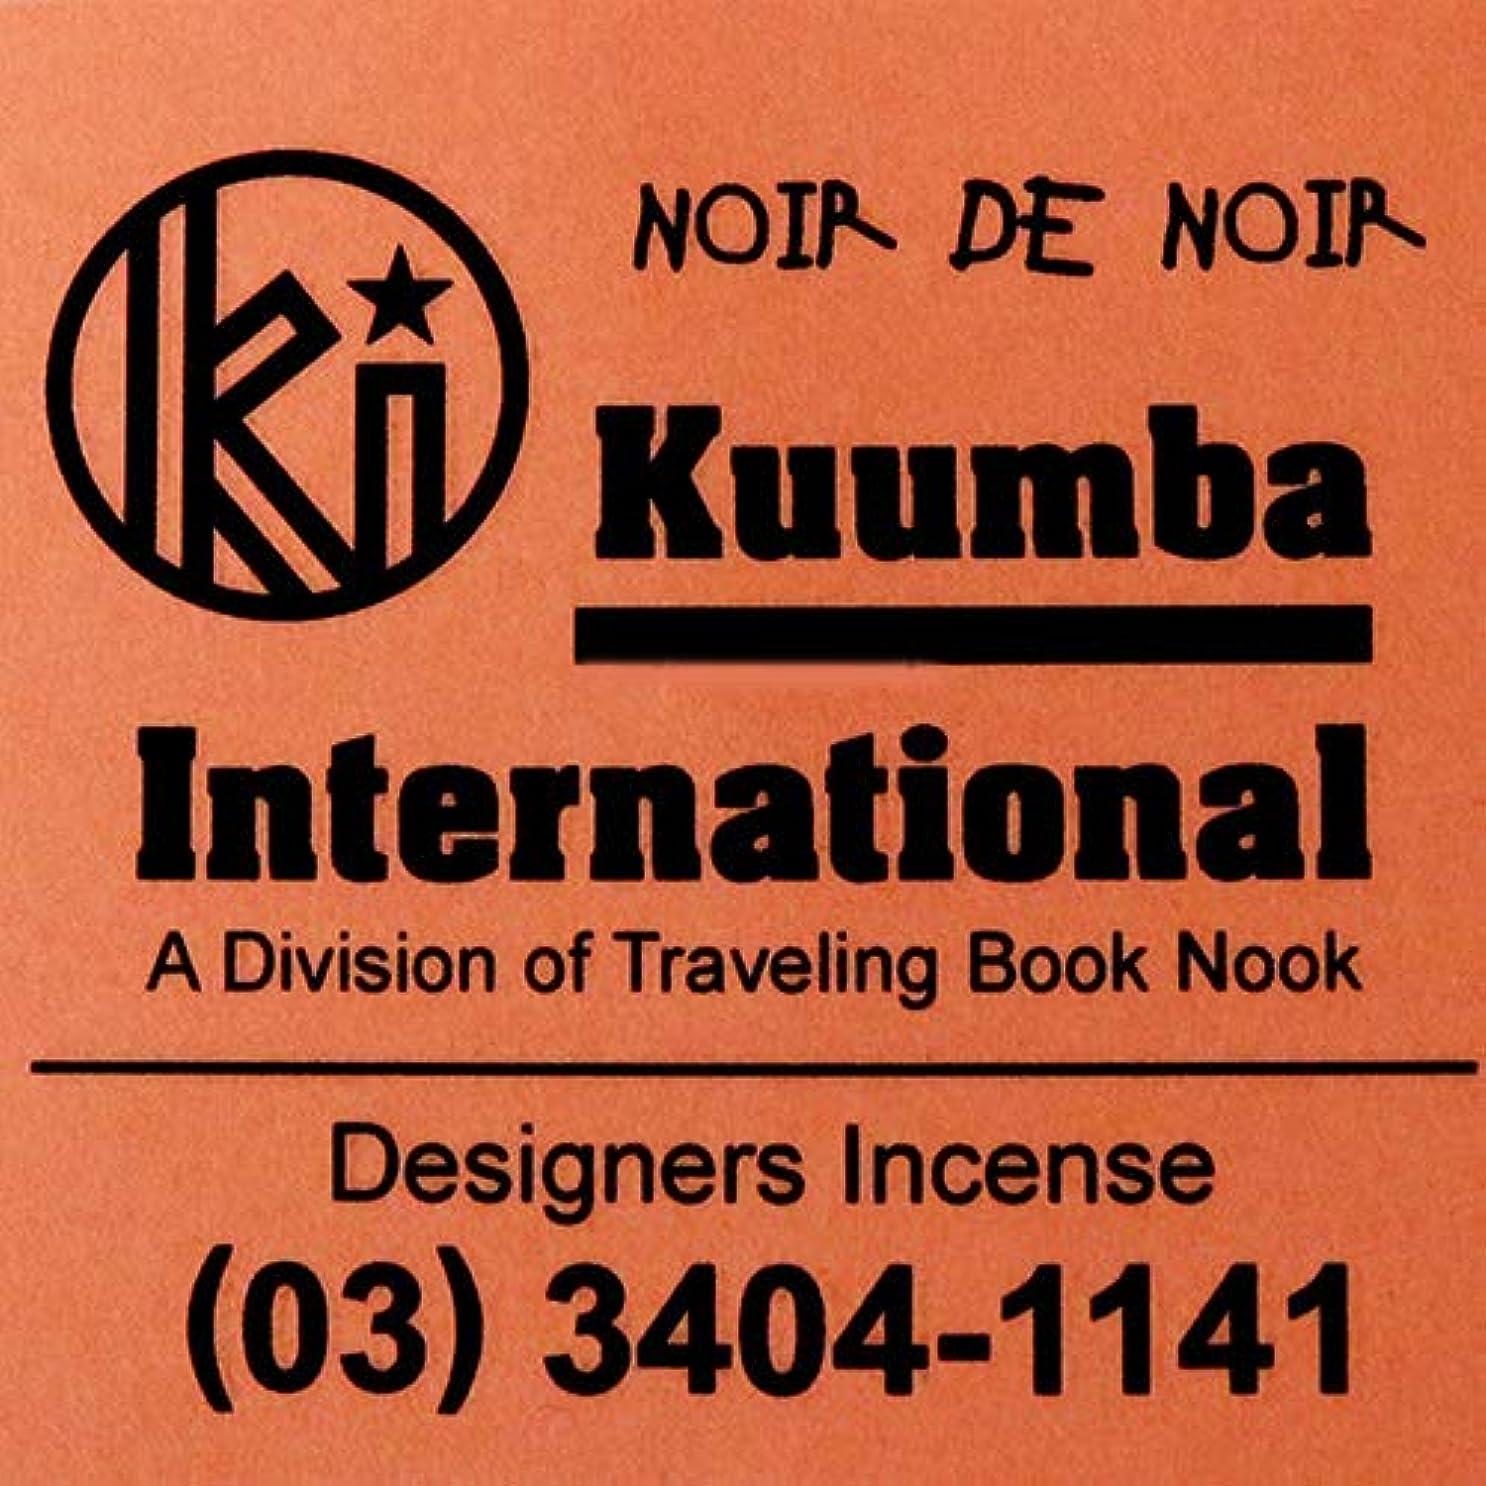 (クンバ) KUUMBA『incense』(NOIR DE NOIR) (NOIR DE NOIR, Regular size)